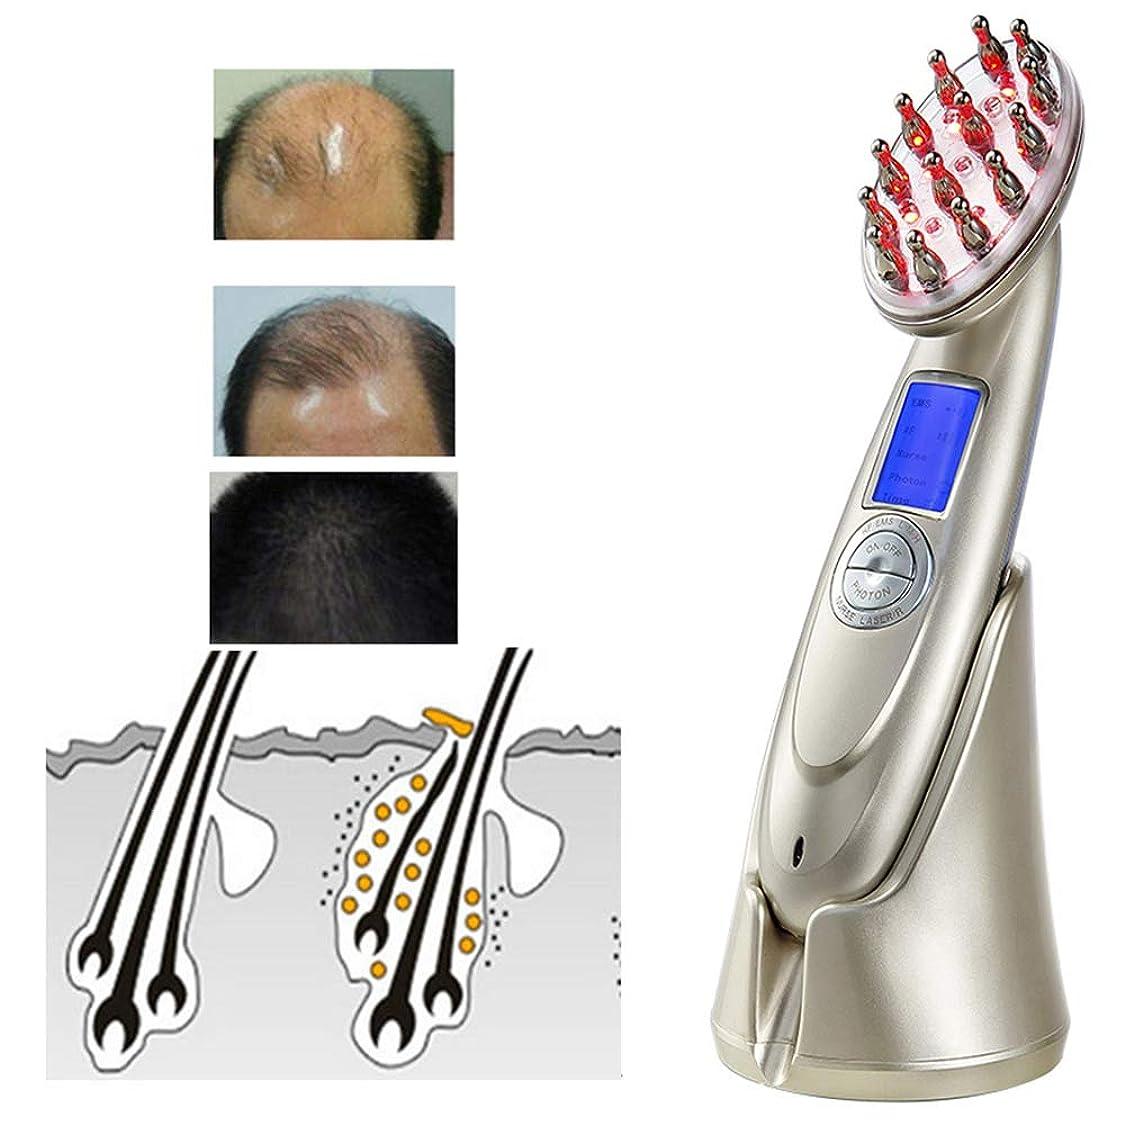 またアラブメールを書く電気マッサージくし赤外線とデジタル液晶画面、ヘアーコーム治療髪の成長発髪の肥厚